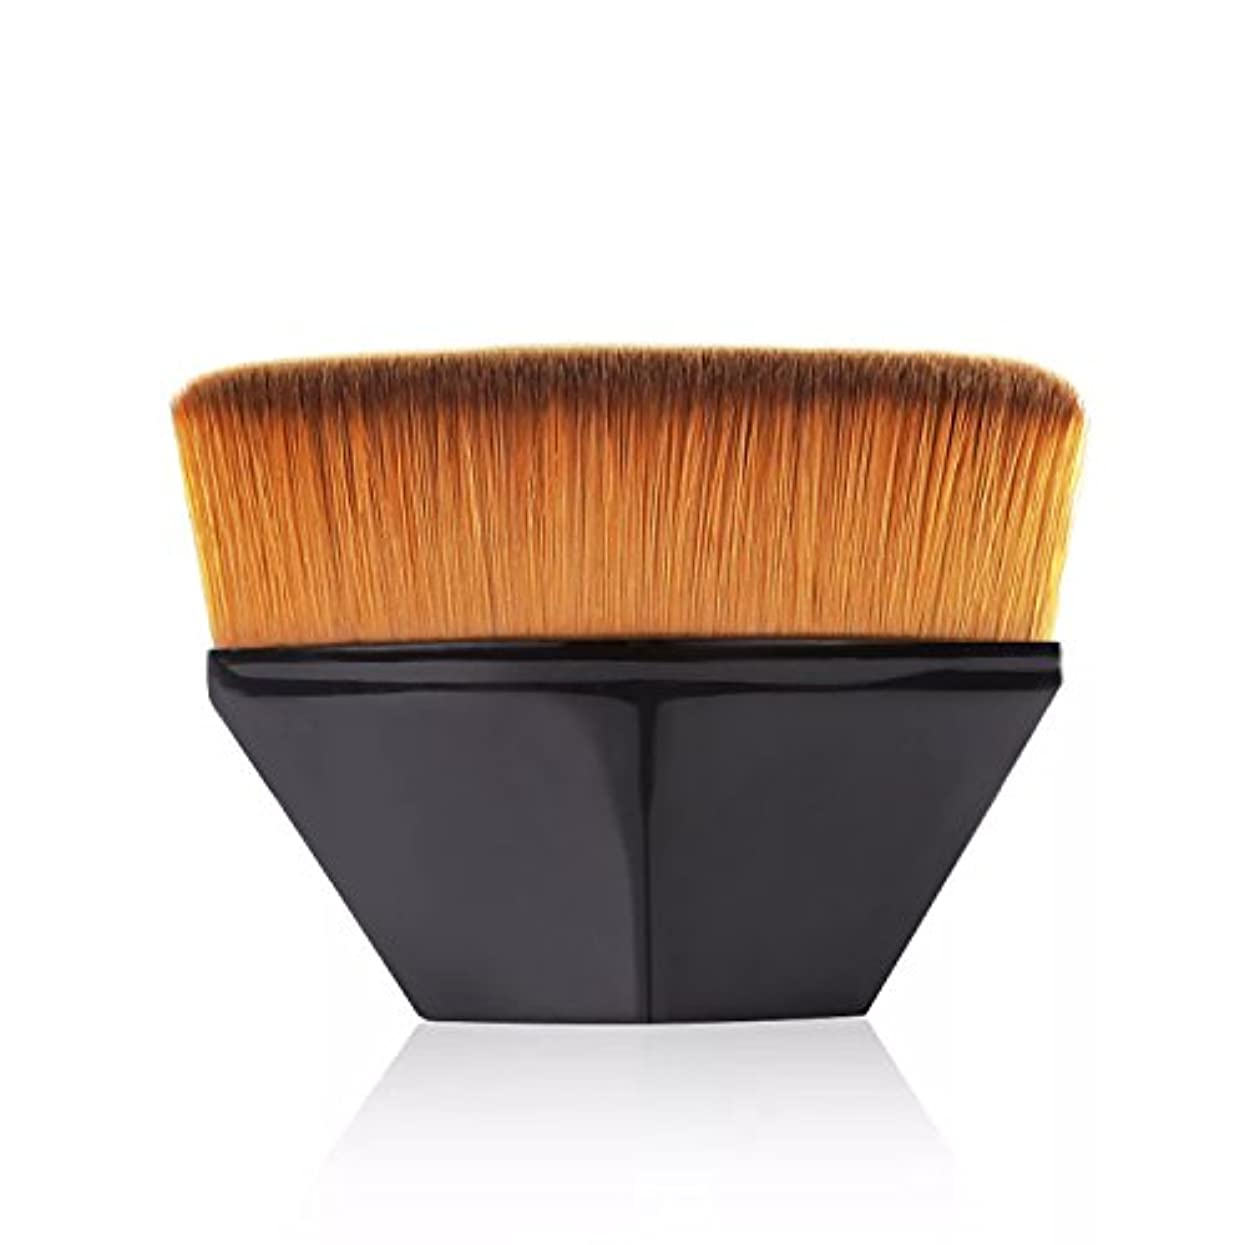 トーナメント自分を引き上げるユーザーペタル ファンデーション ブラシ 高密度合成毛 ベース ブラシ ブラック